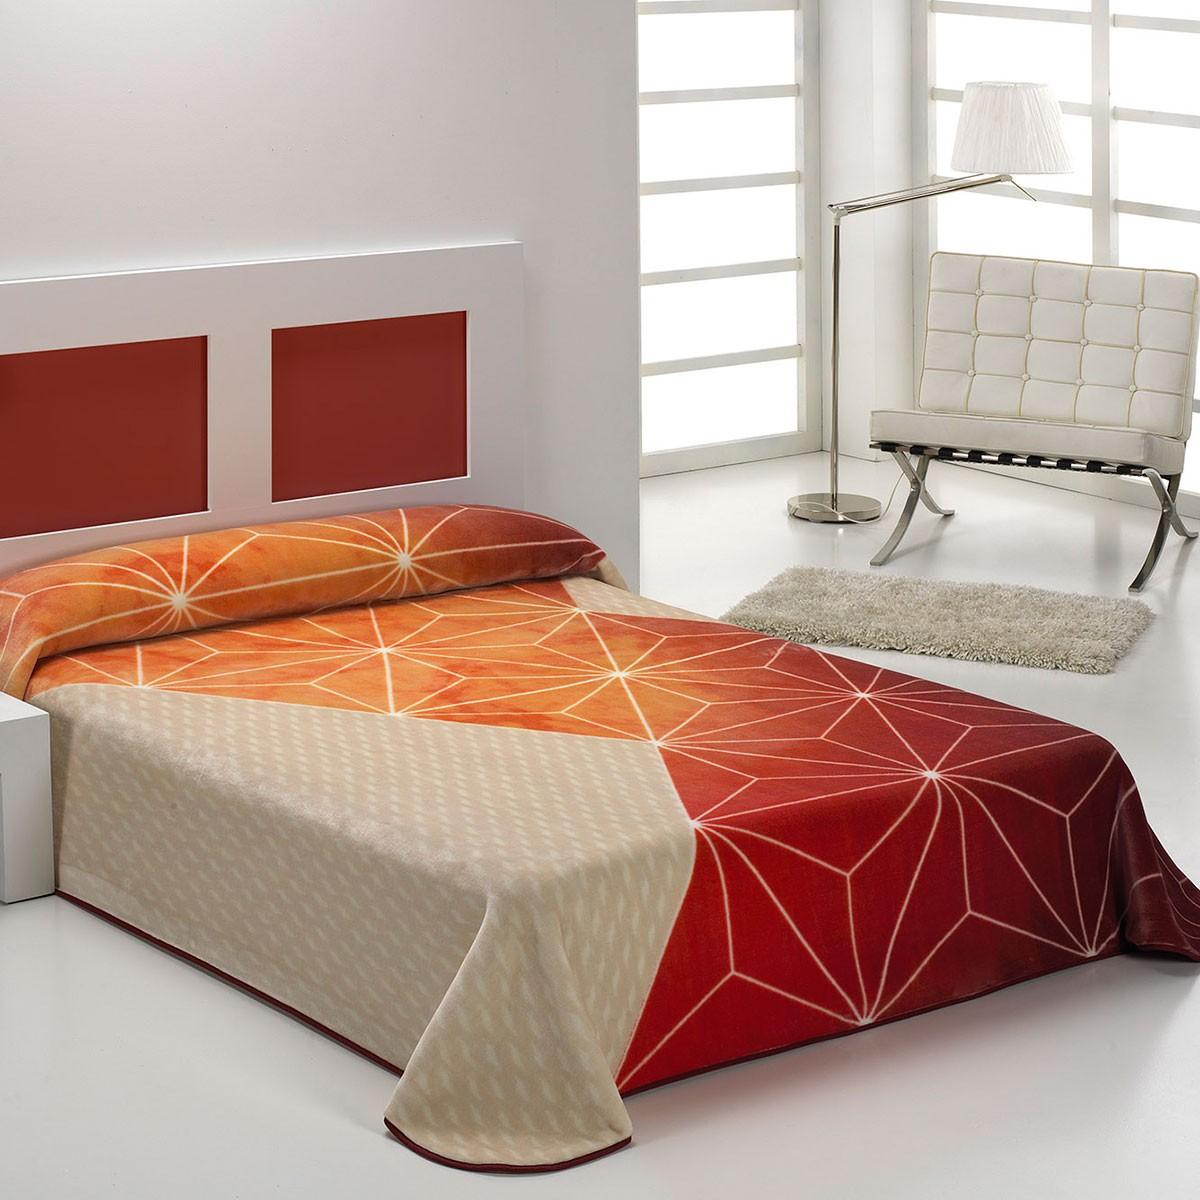 Κουβέρτα Βελουτέ Υπέρδιπλη Morven Nova Linea B44 Red 63531